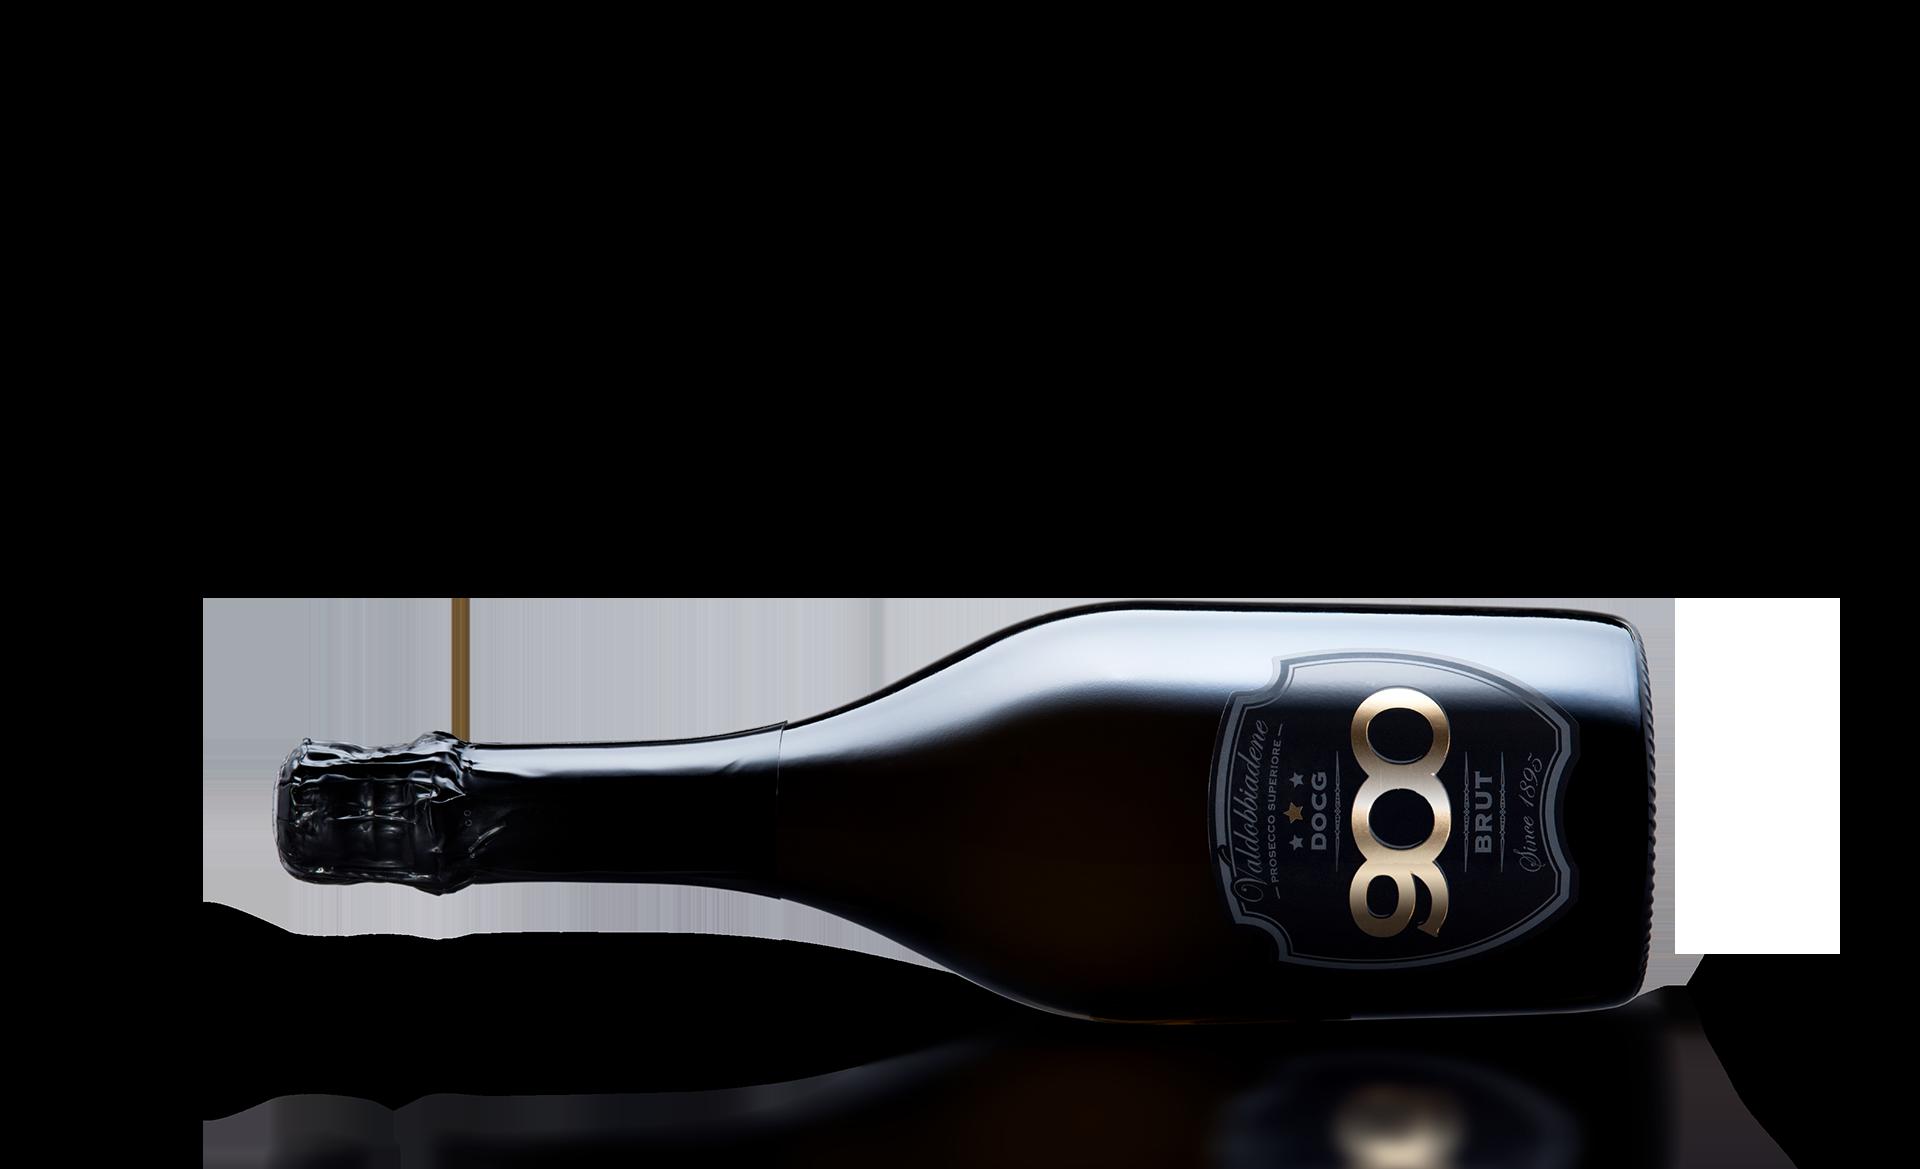 900 wine: bottiglia del prosecco DOCG Valdobbiadene Superiore Brut adagiata in posizione orizzontale